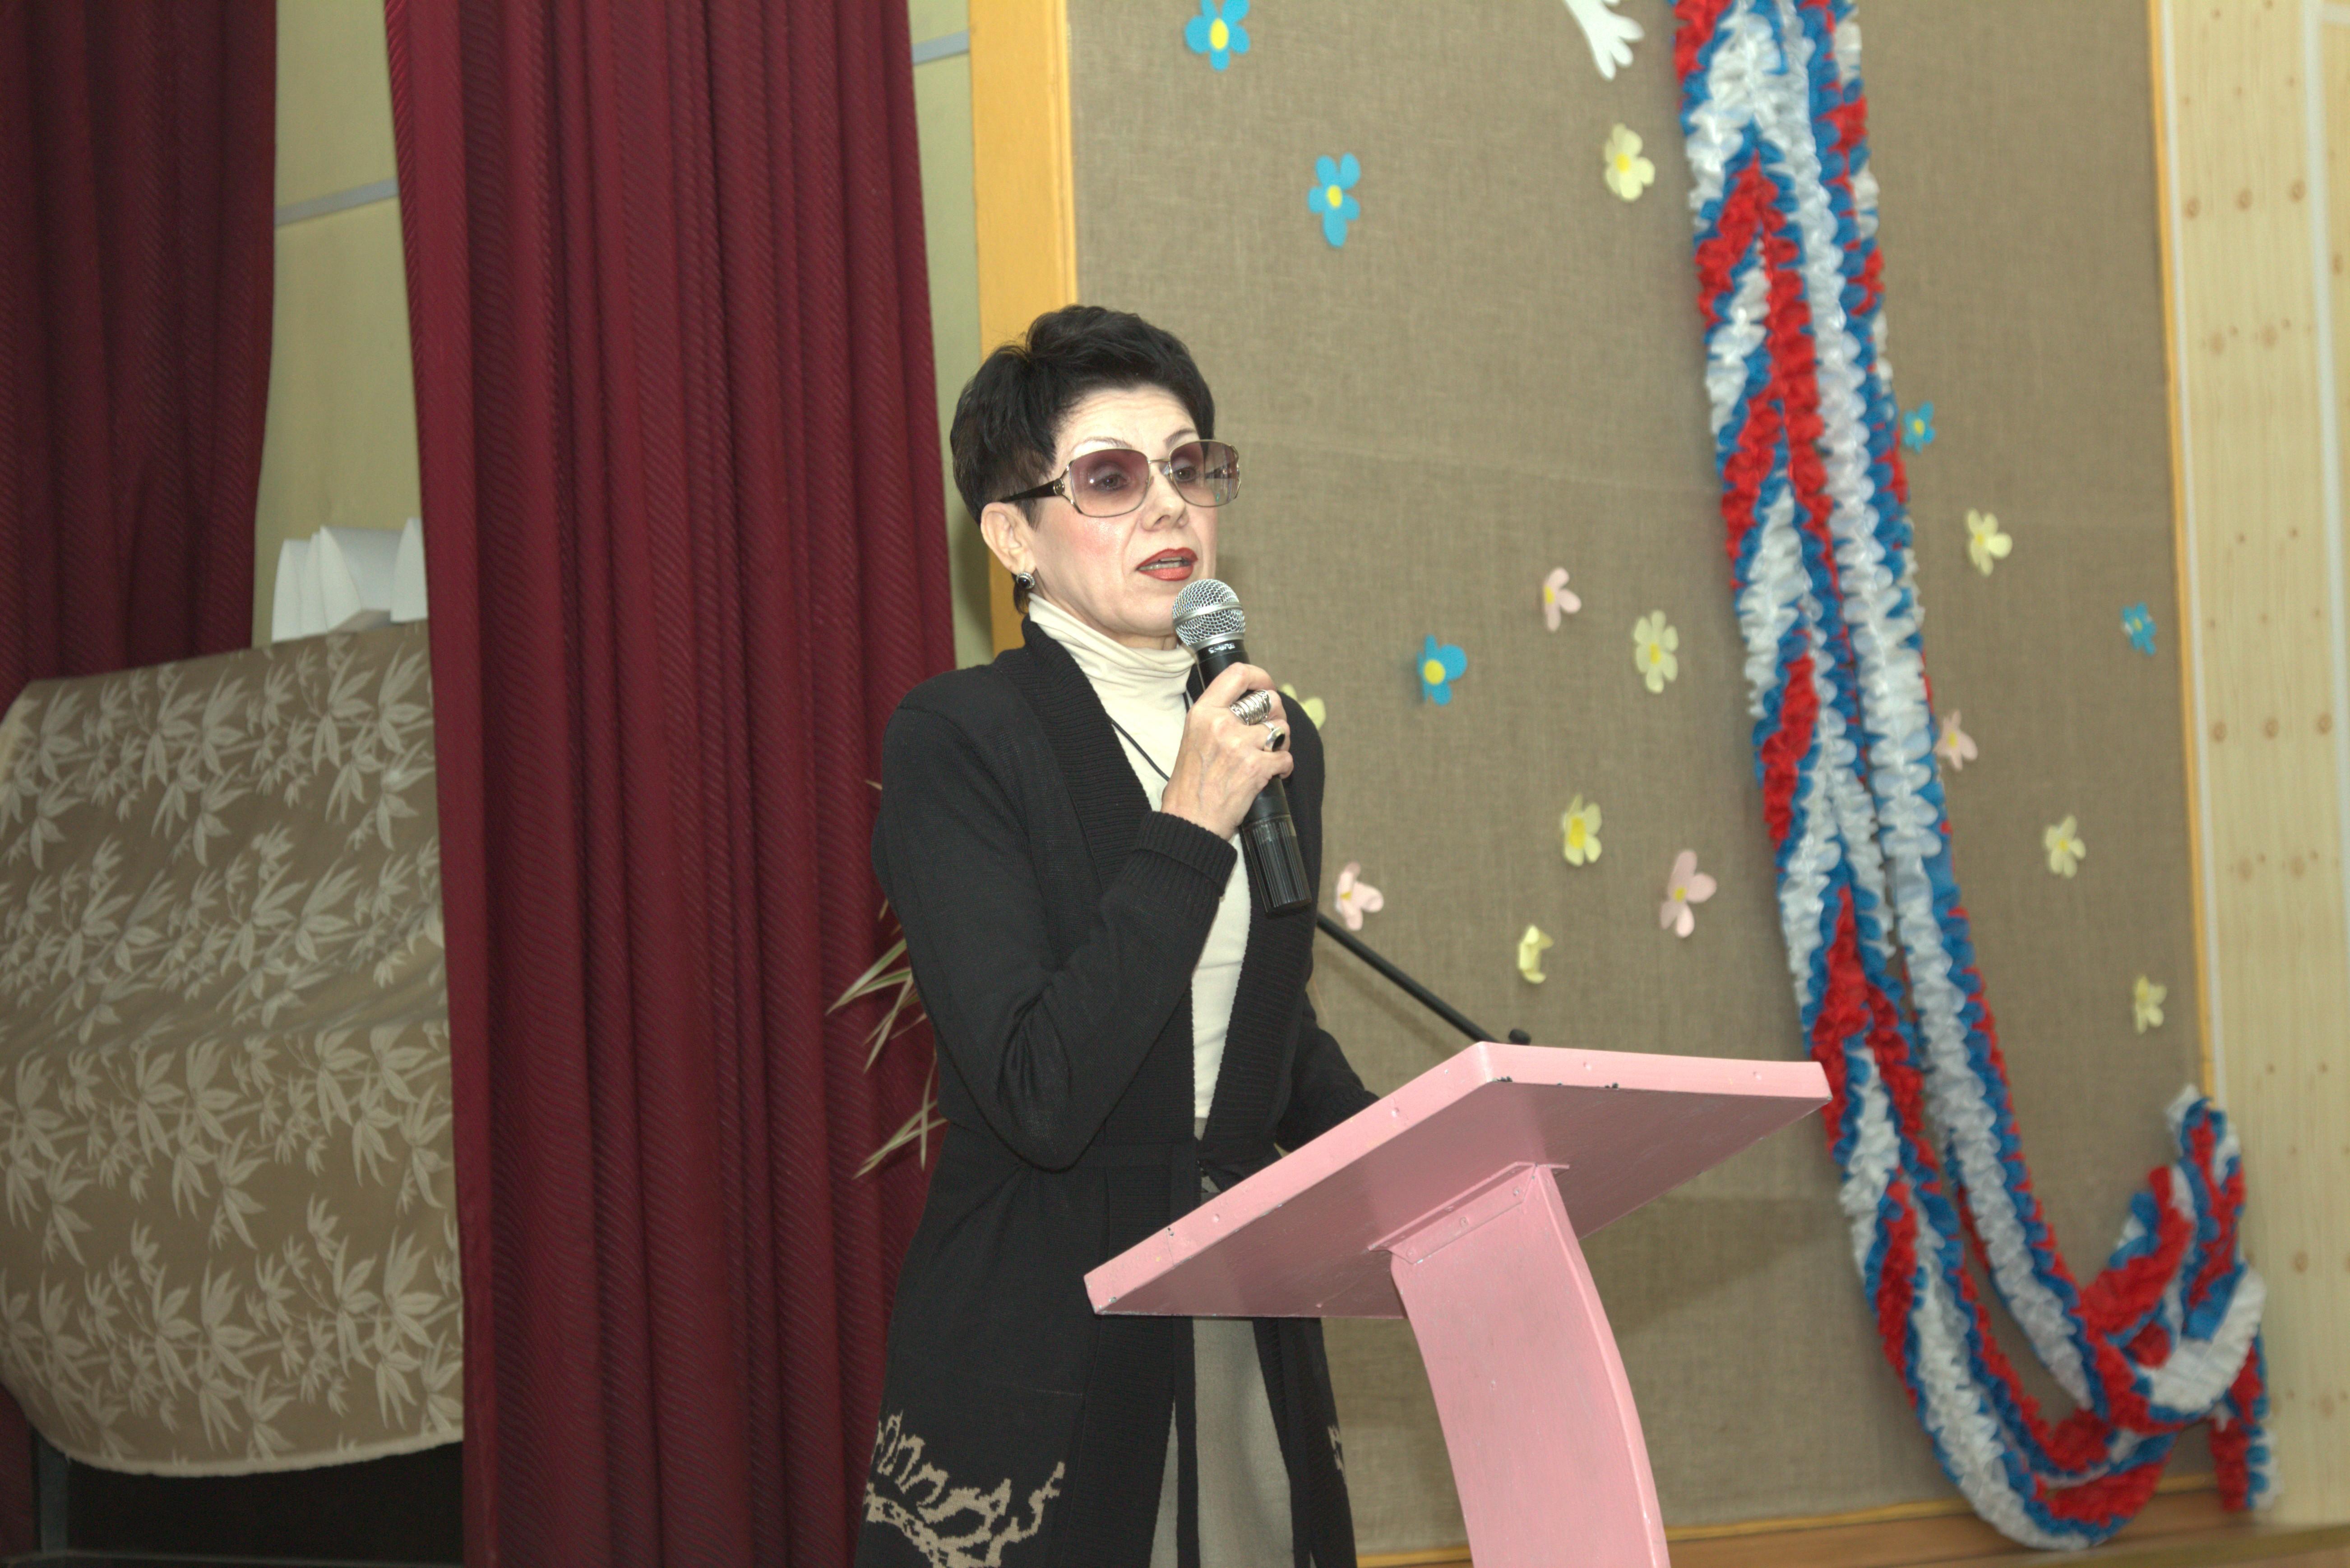 Приветствие от управления образования города Смоленска